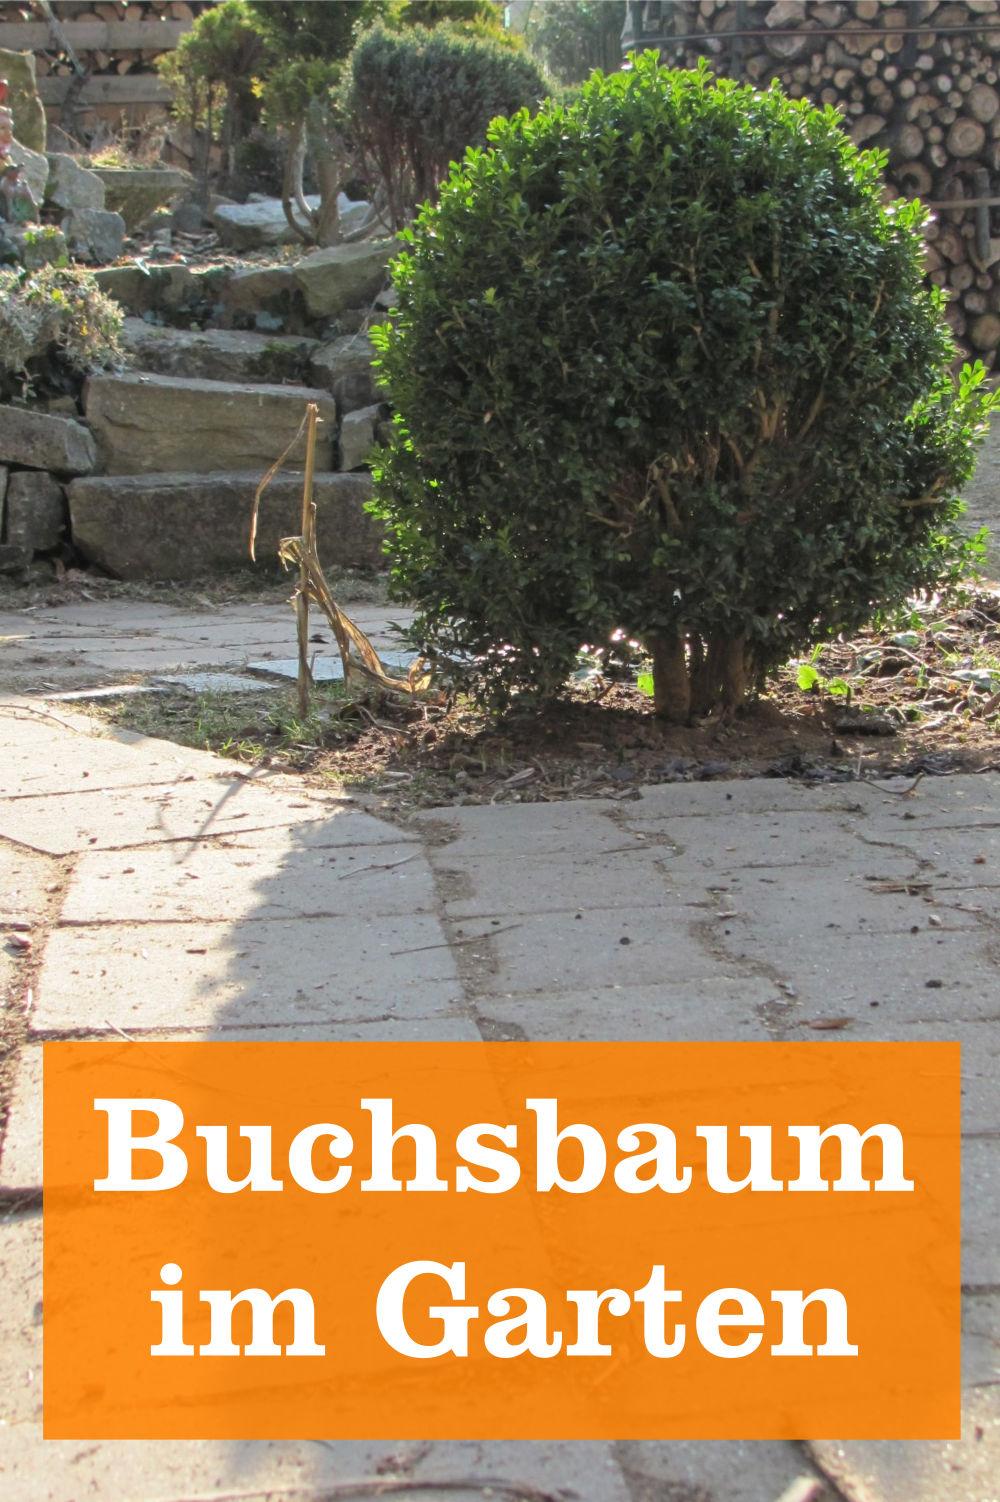 Buchsbaum im Garten